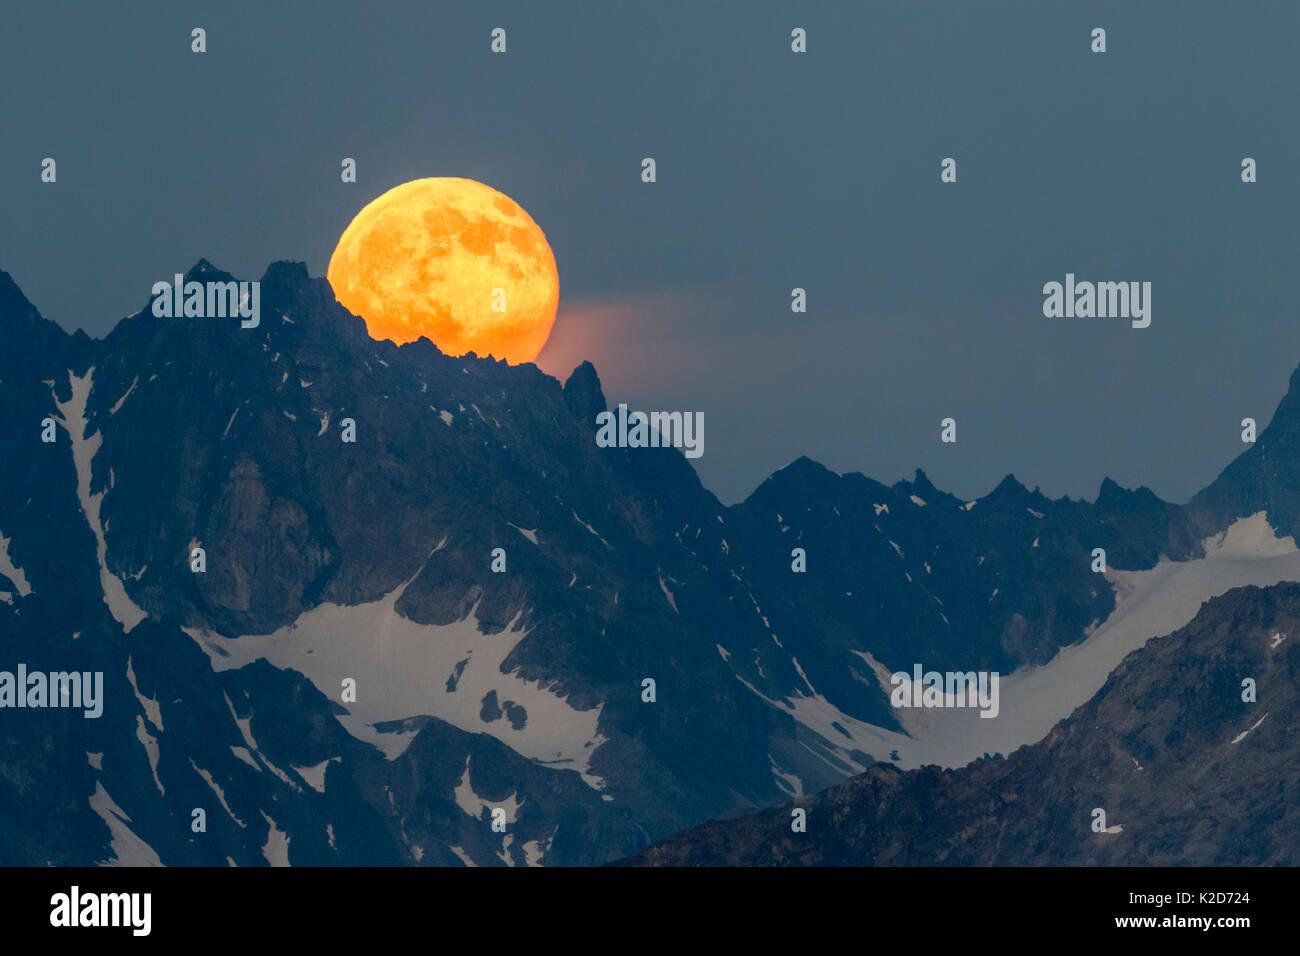 Pleine lune s'élève au-dessus de l'Verpeilspitze (3430m). Ce pic est une partie de l'Glockturmkamm, la plus occidentale de la crête de l'Otztal Alpes. Nordtirol, Alpes autrichiennes. Juillet. Panorama cousus numériquement. Photo Stock